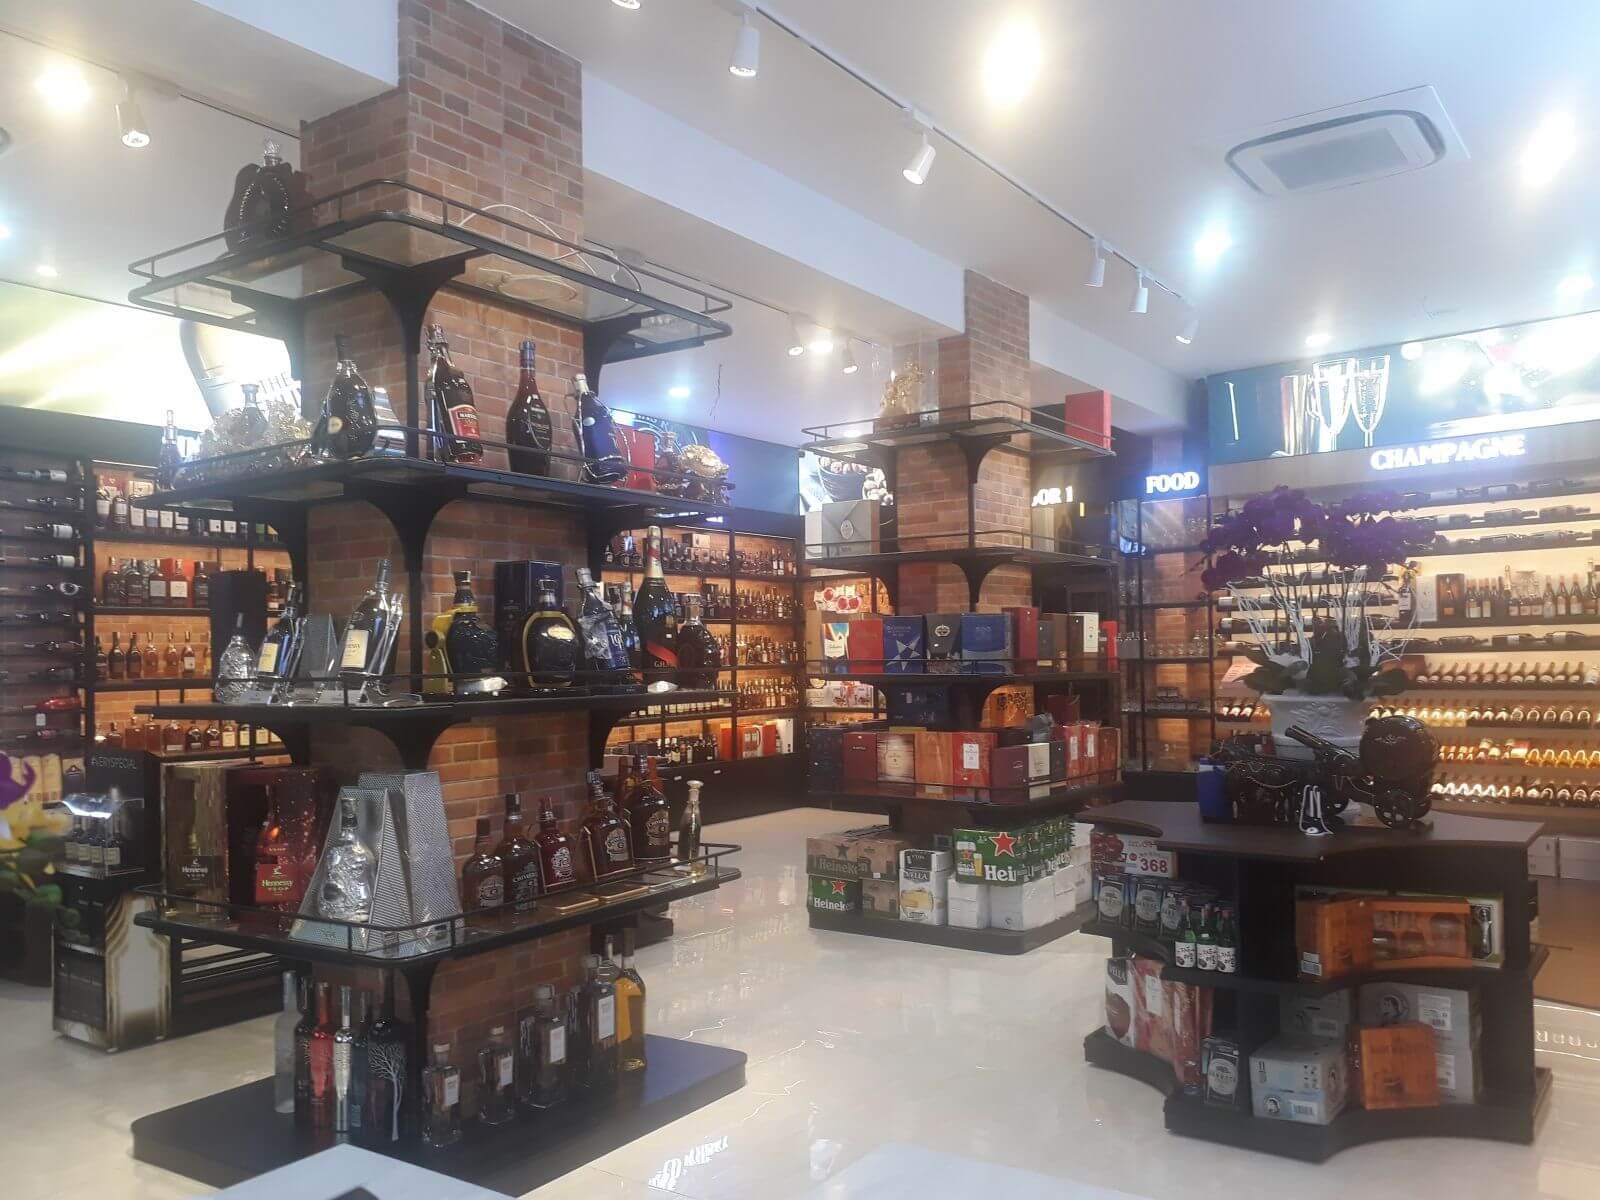 Hình 3. Chỉ nên mua rượu Chivas 30 tại các địa chỉ uy tín trên thị trường